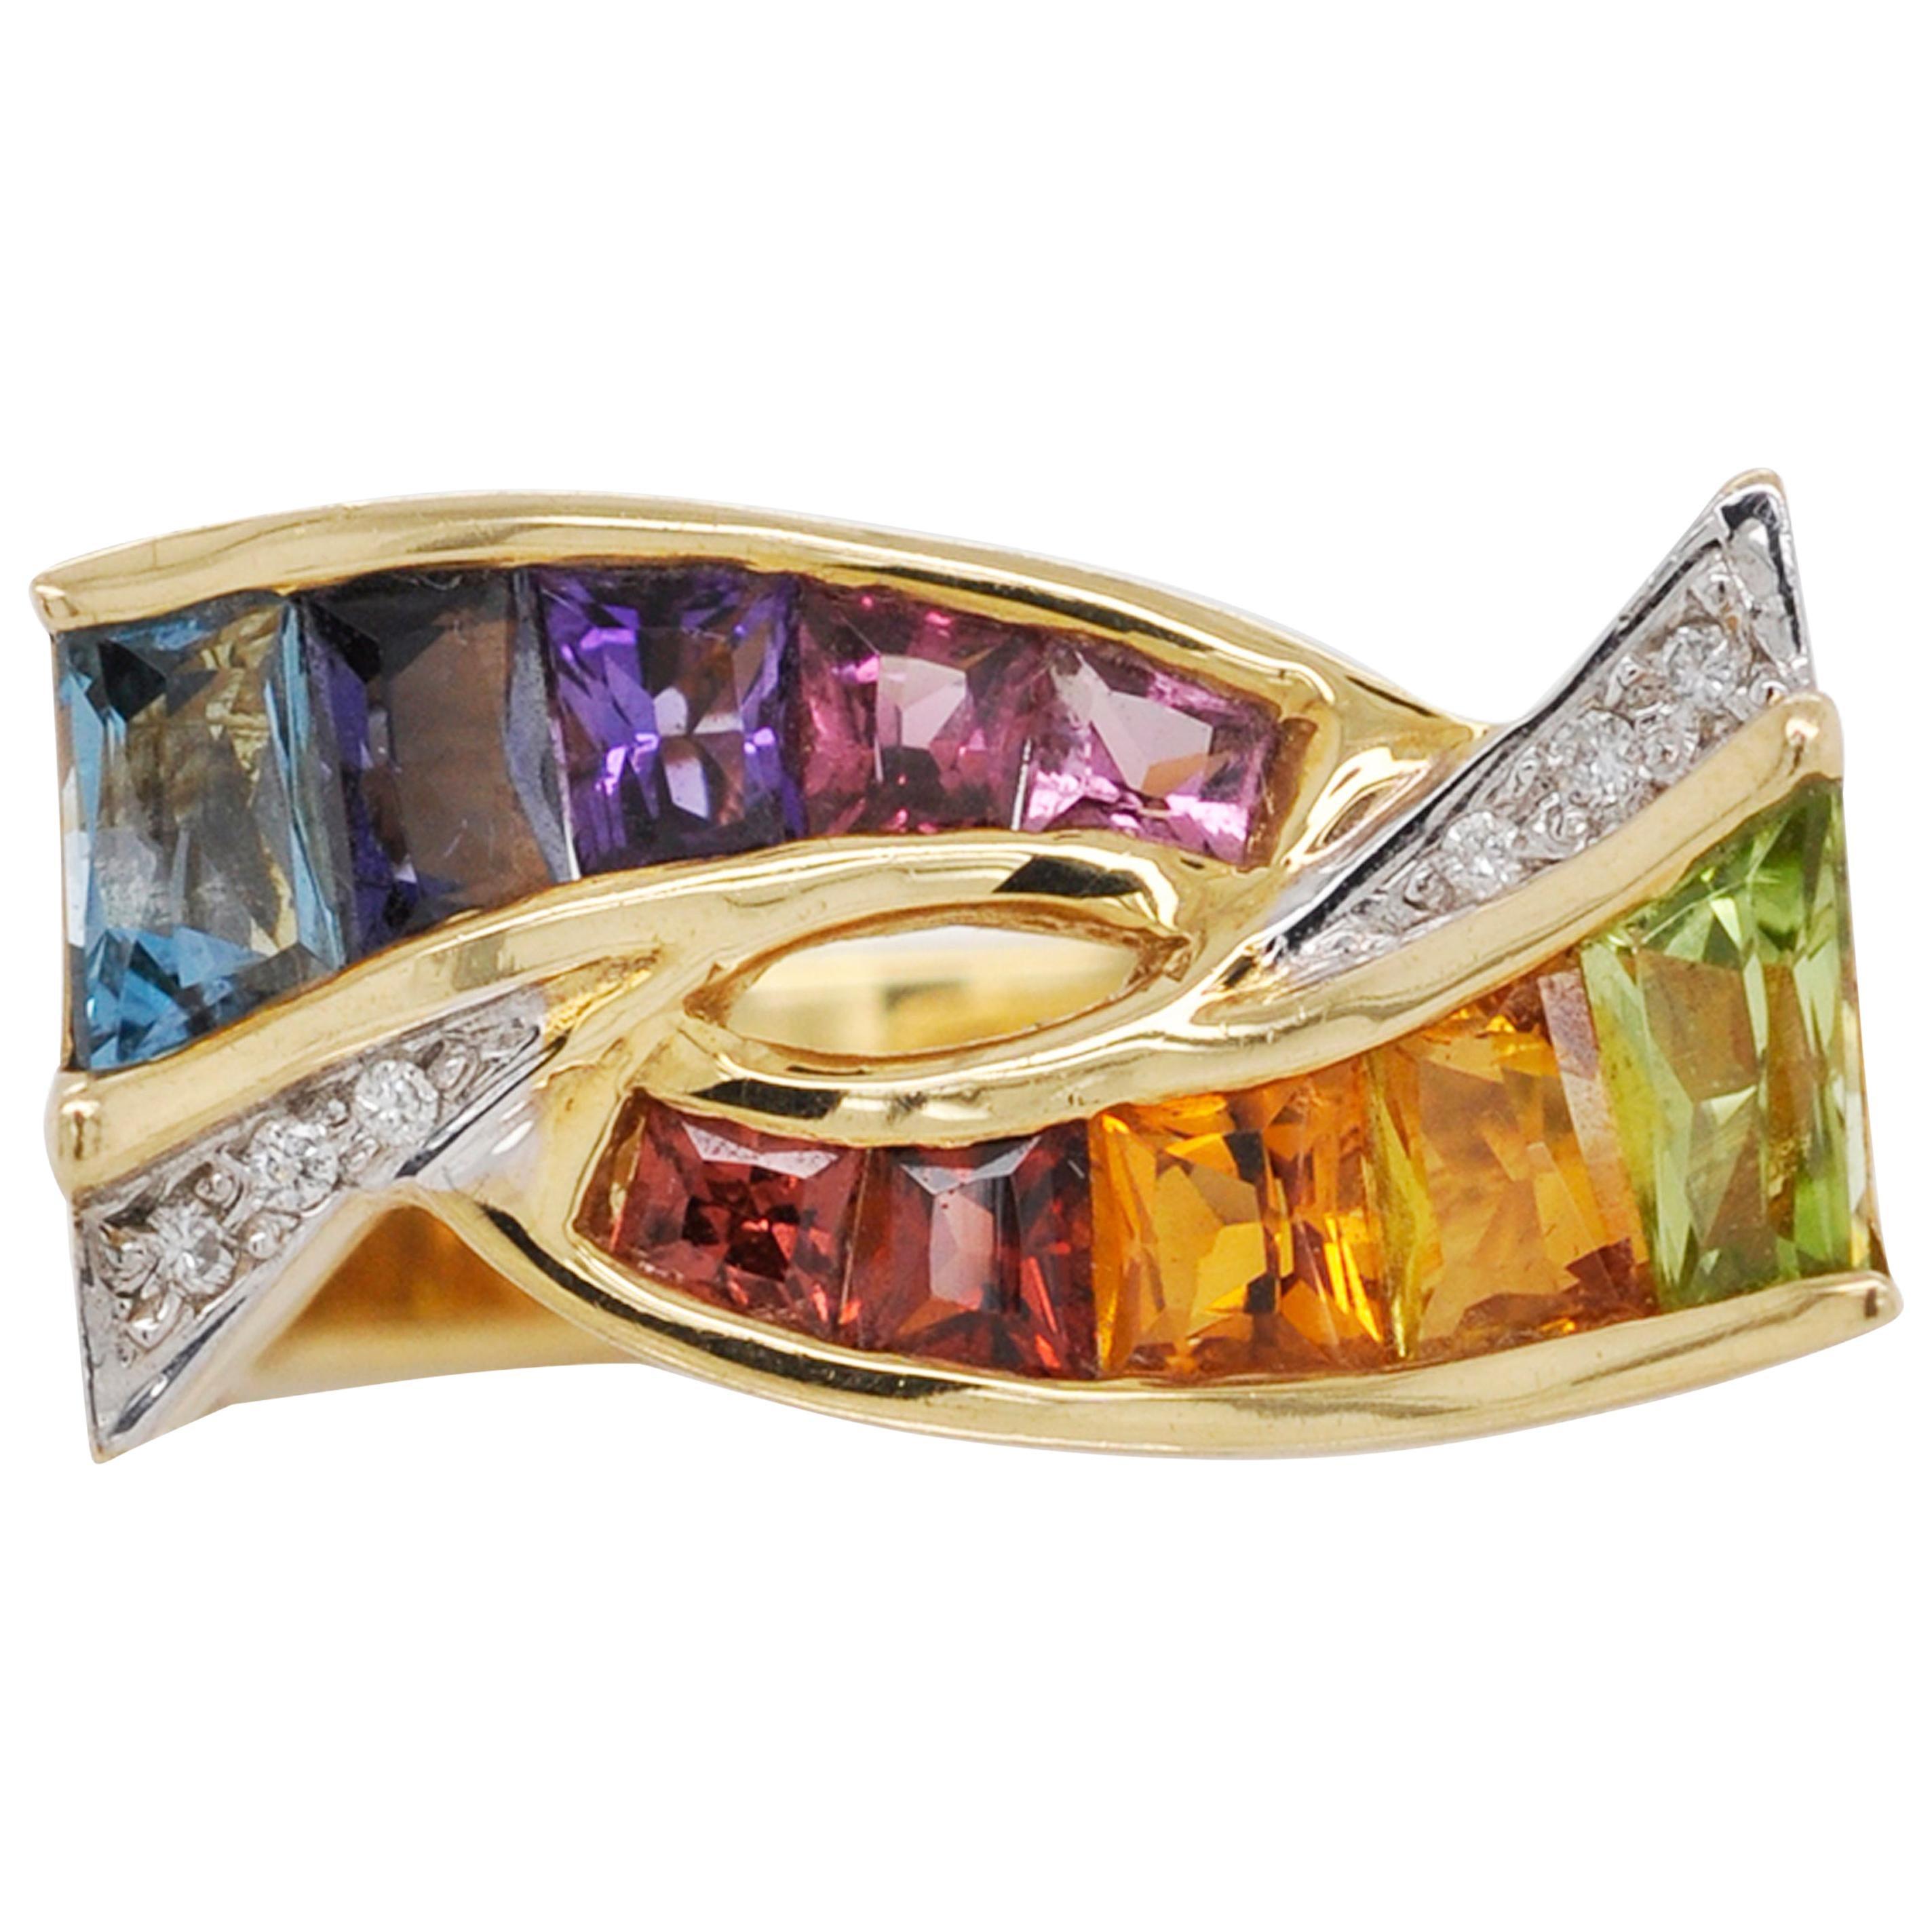 18K Gold Topaz Amethyst Garnet Citrine Peridot Rhodolite Multicolor Rainbow Ring